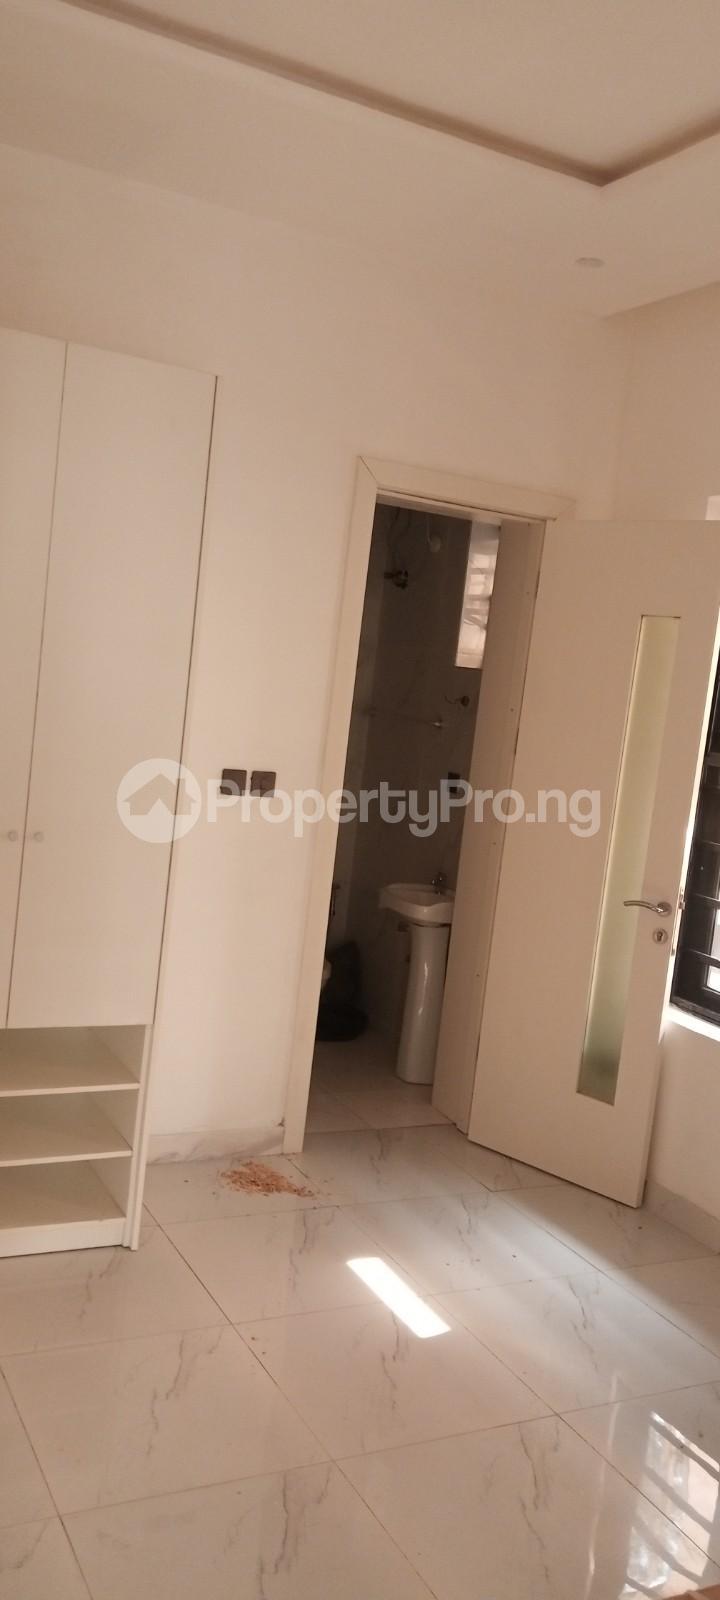 5 bedroom Detached Duplex for sale Megamound Estate, Lekki County Homes, Ikota Lekki Lagos - 17